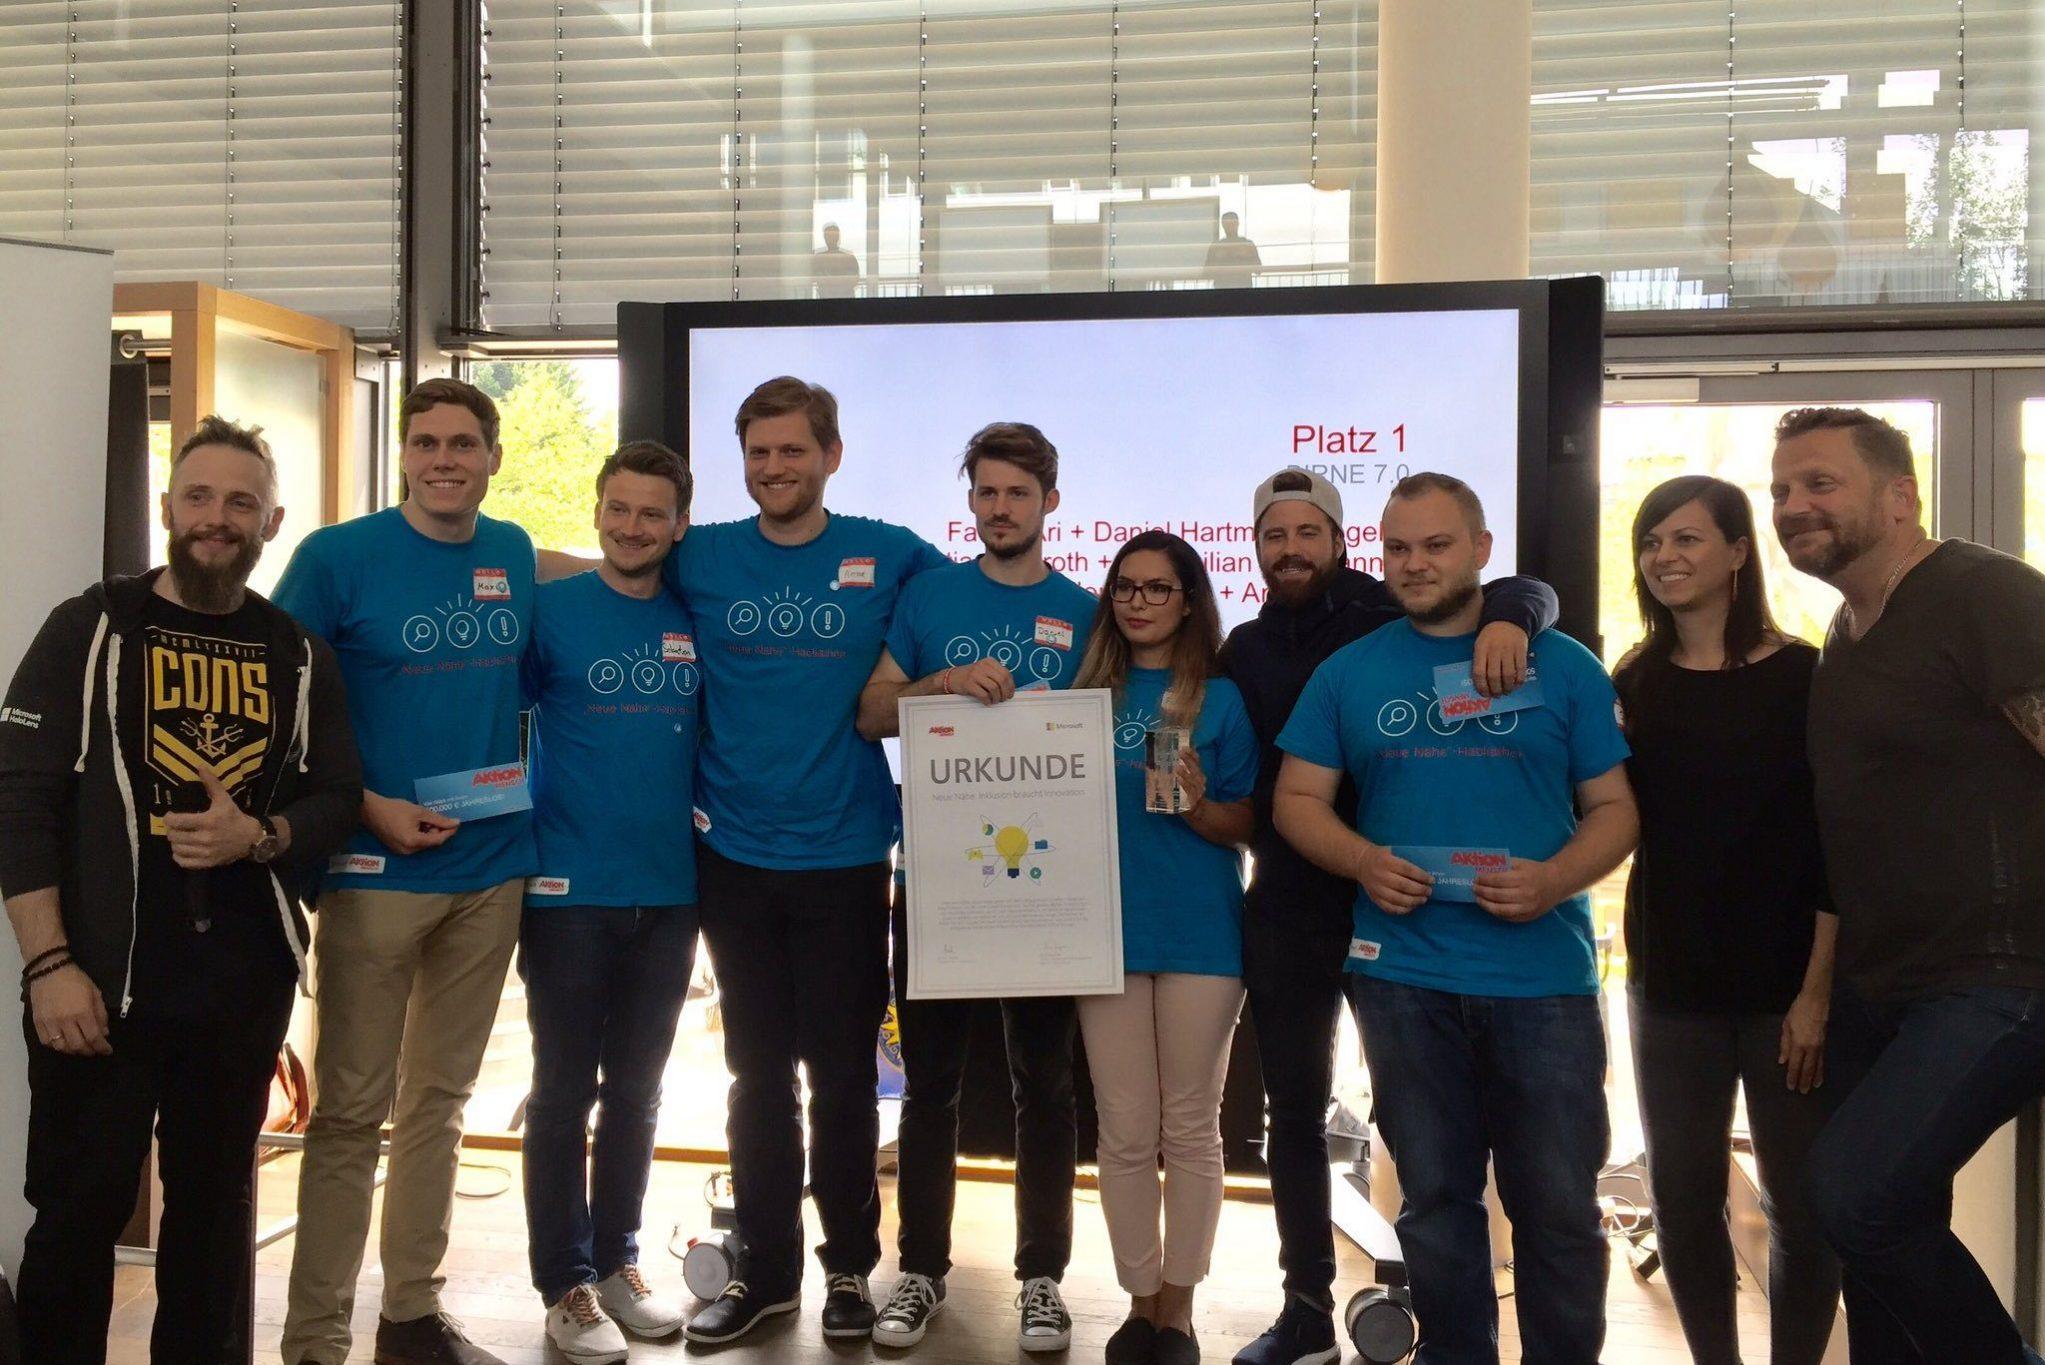 Hackathon - Gewinnerfoto mit Urkunde